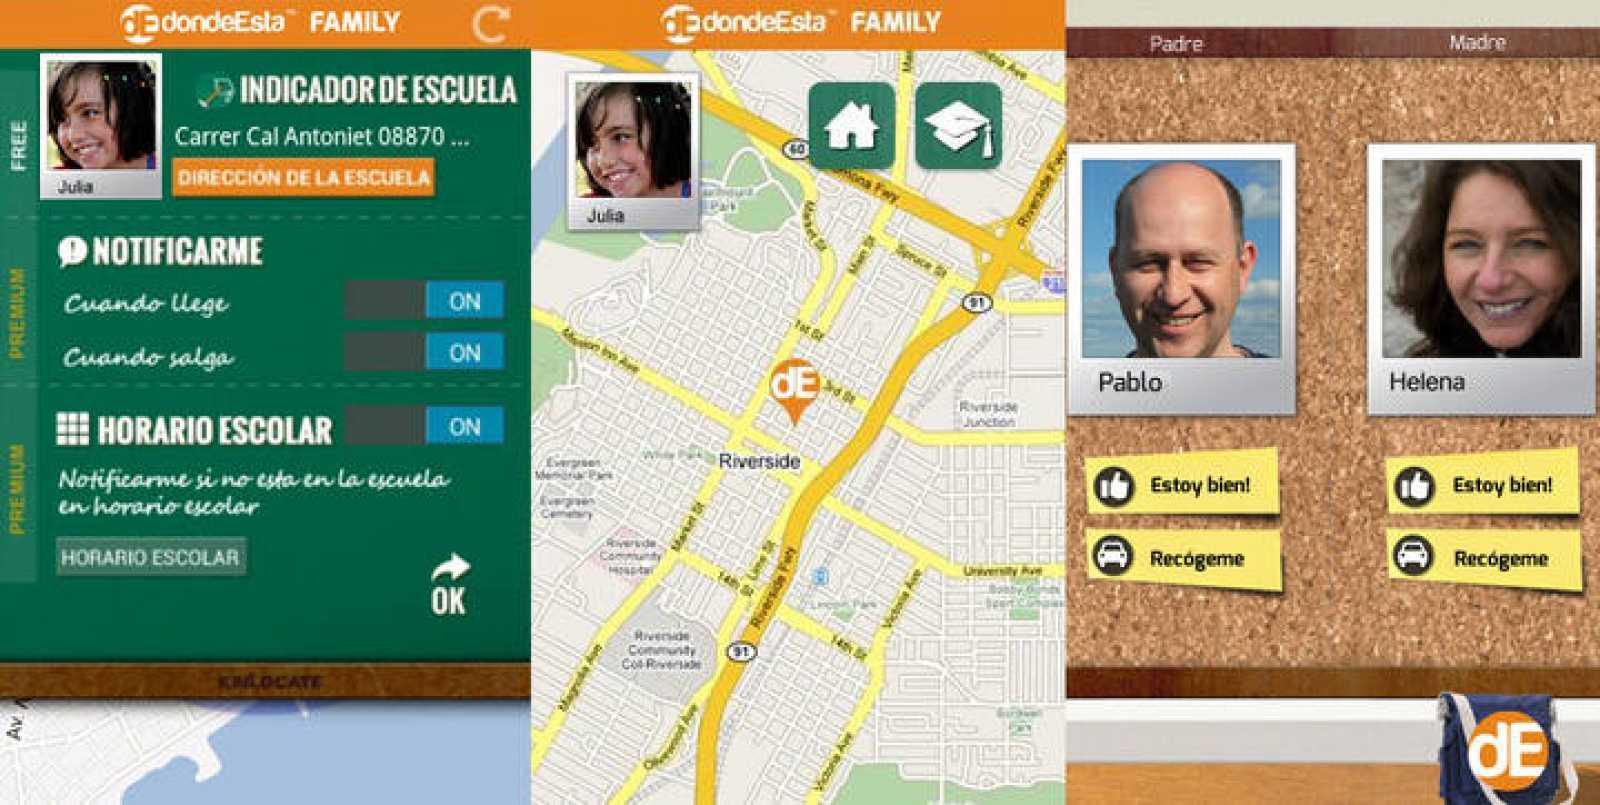 Una aplicación para tener localizados a los miembros de la familia ...